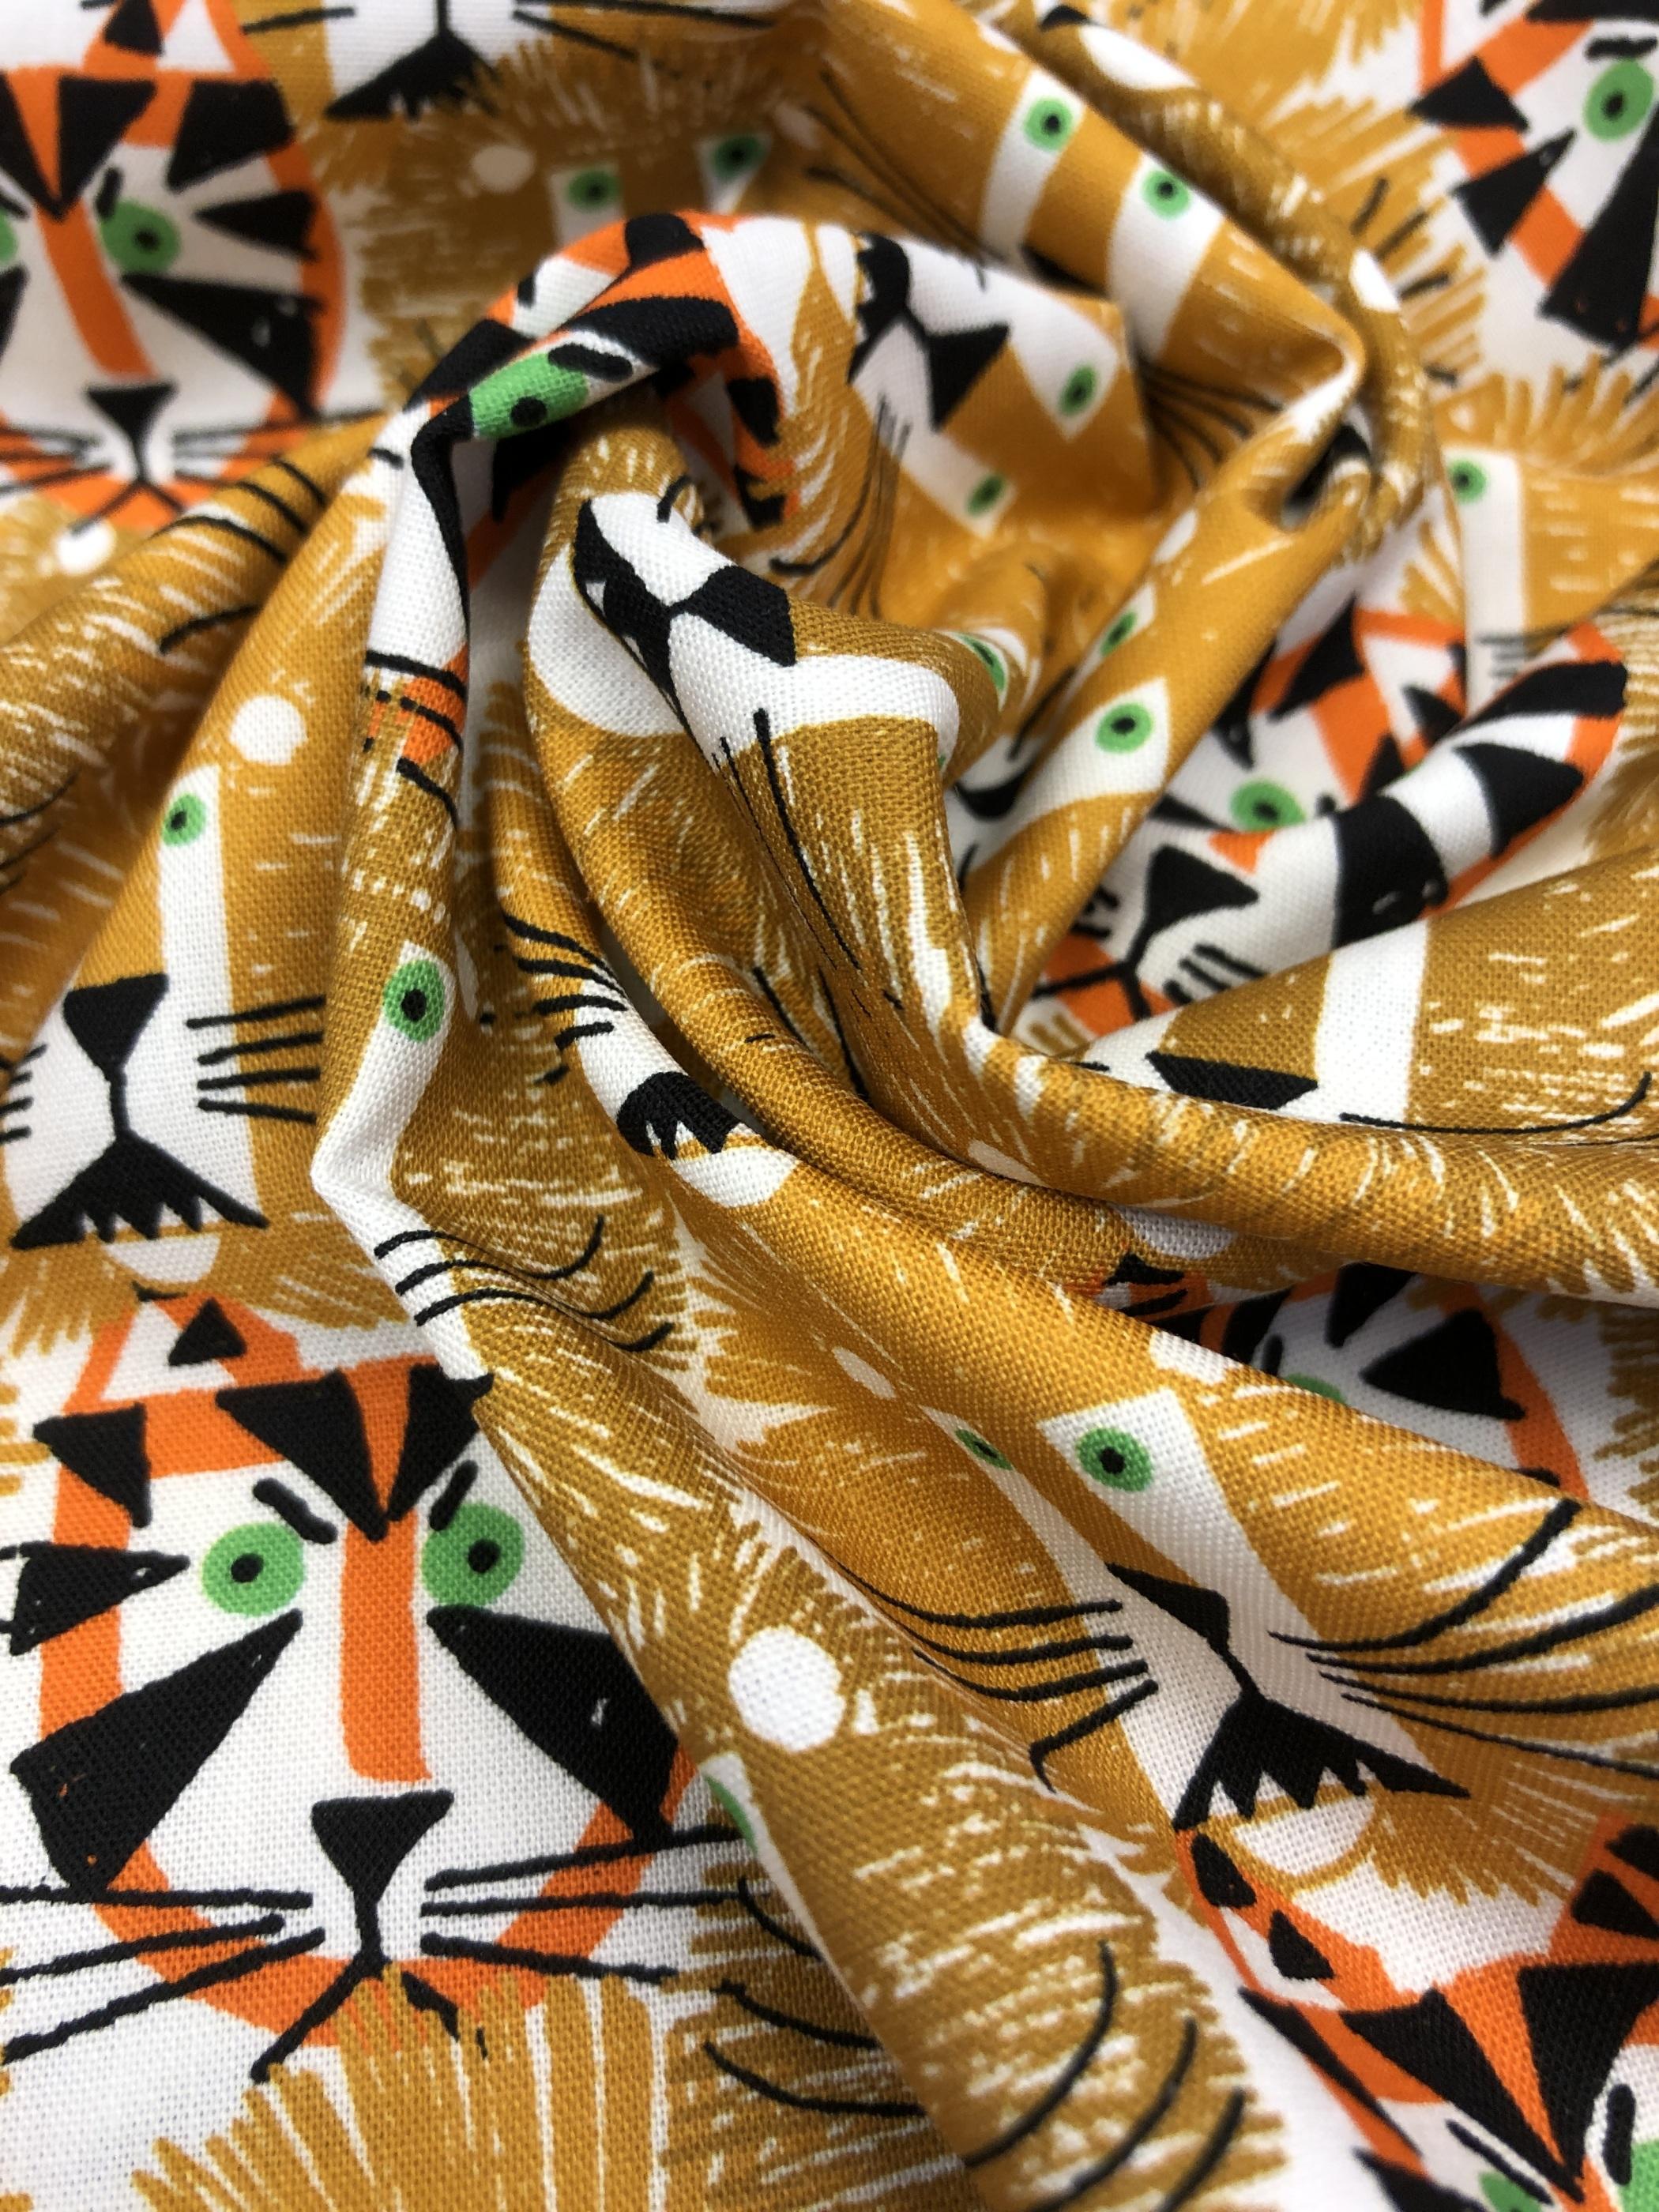 lejon tigrar barntyg modetyg metervara gul orange bomullstyg tyglust laholm